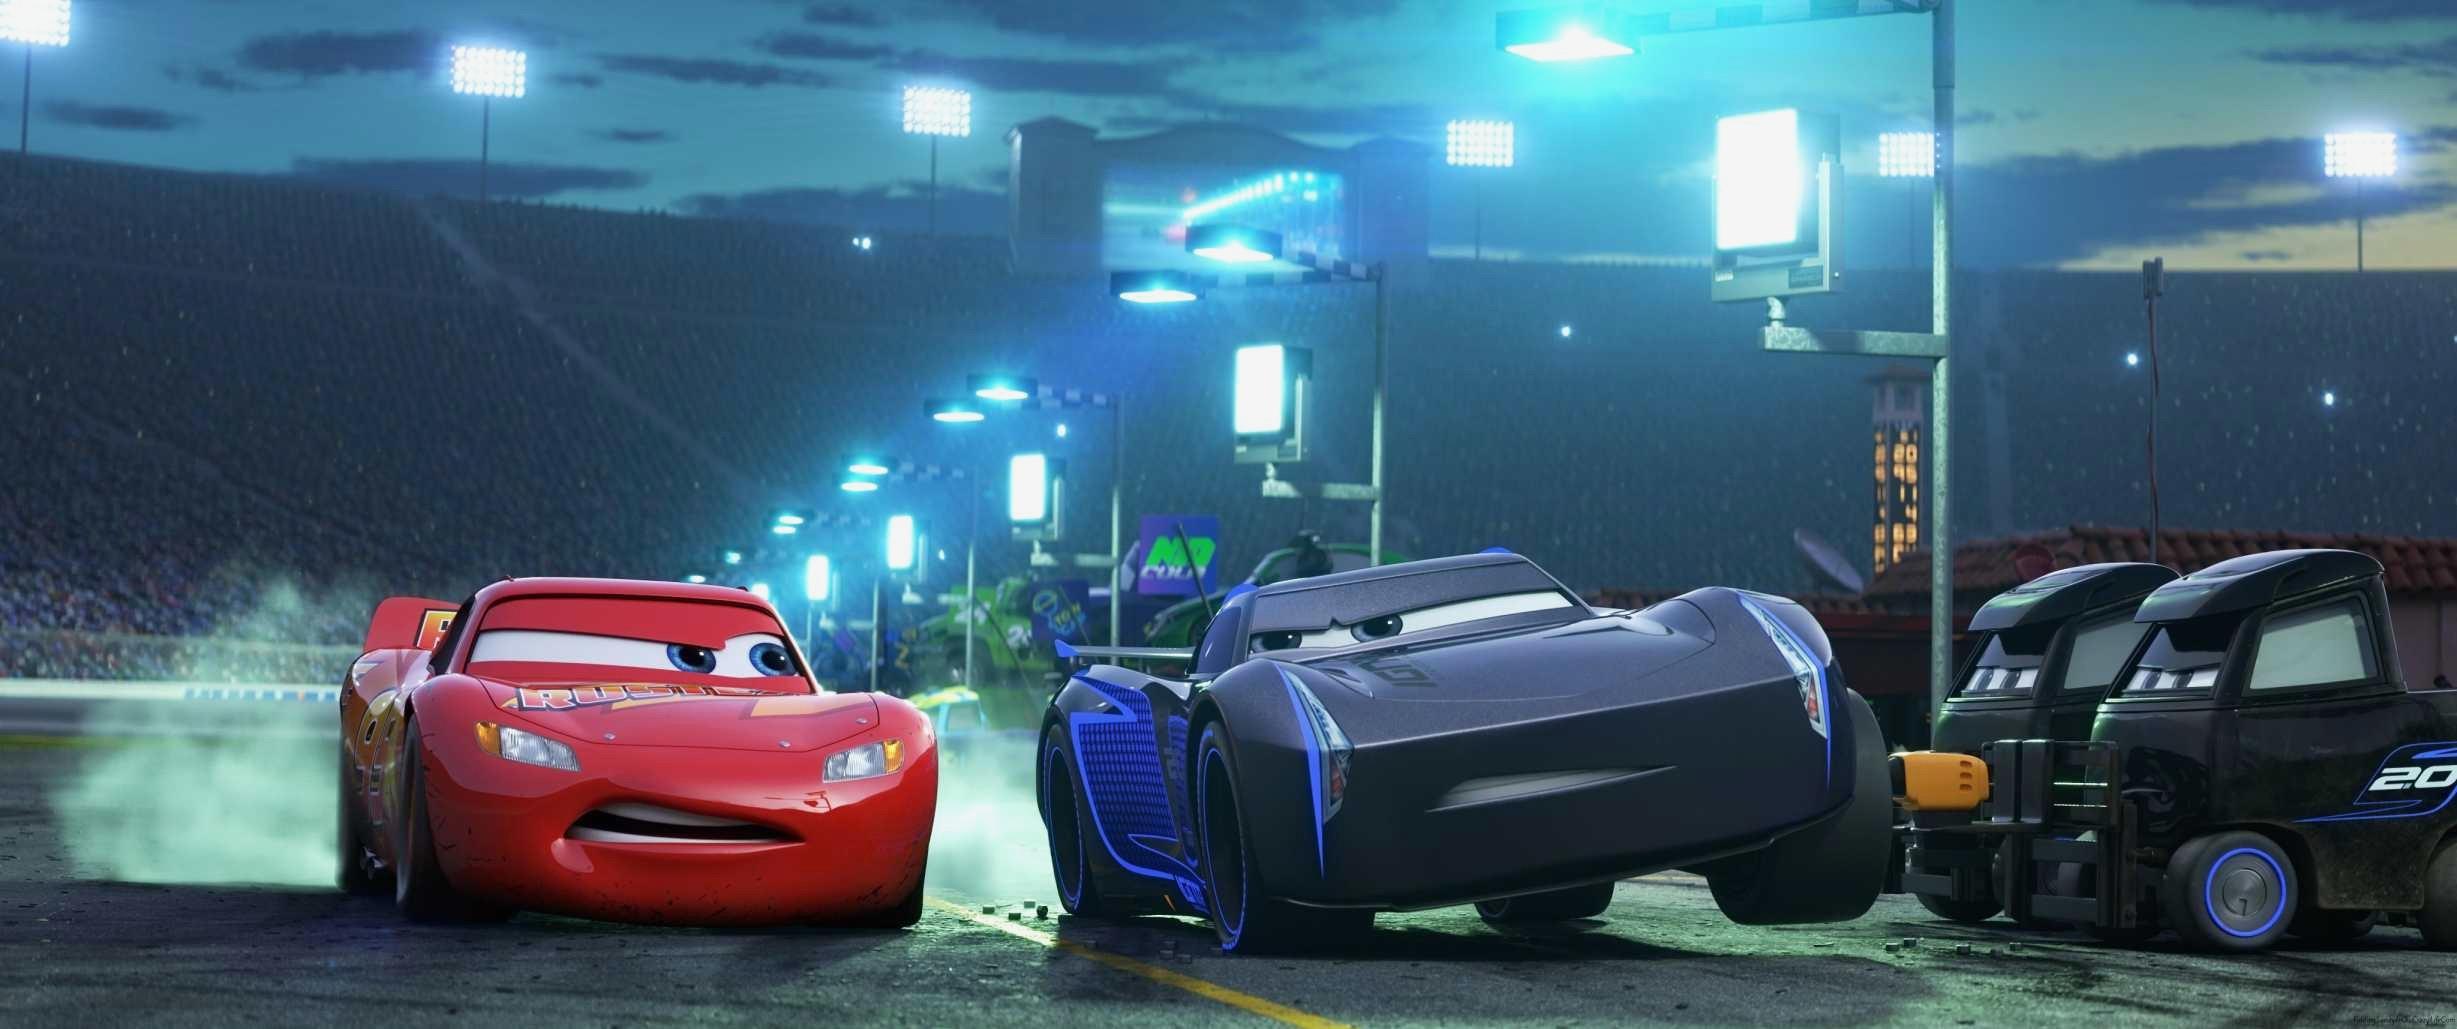 Lightning Mcqueen Ausmalen Das Beste Von Ausmalbilder Cars 3 Verschiedene Bilder Färben Fresh Disney Cars 3 Das Bild